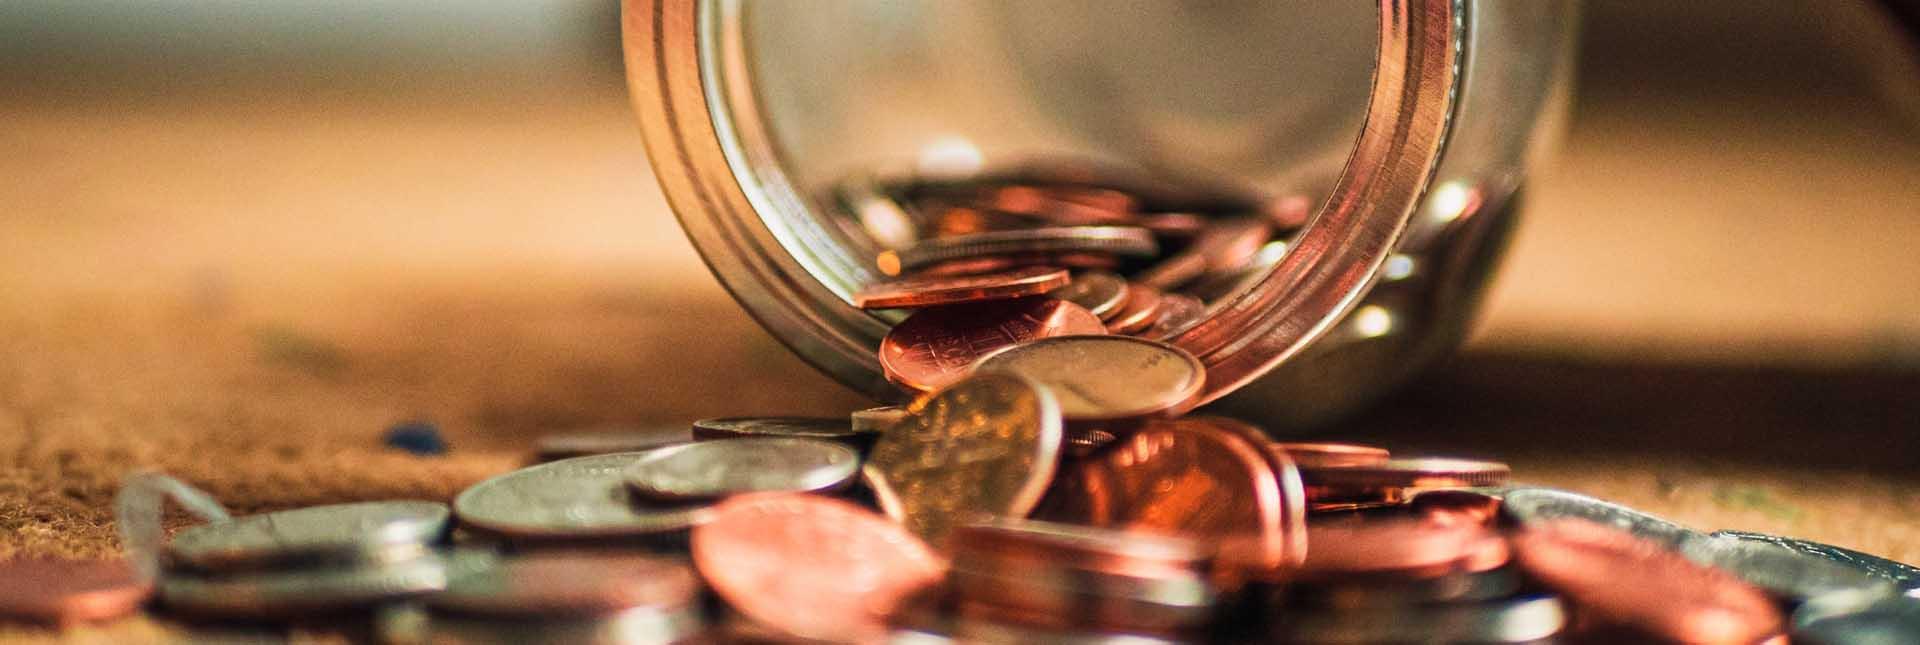 Unisport - Crowdfunding la financiación para clubes y deportistas